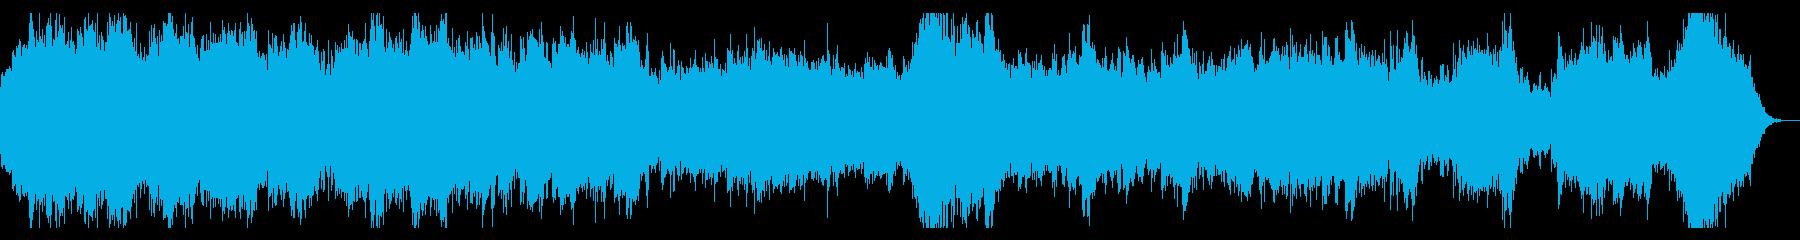 ホラー系ダークなオーケストラBGMの再生済みの波形